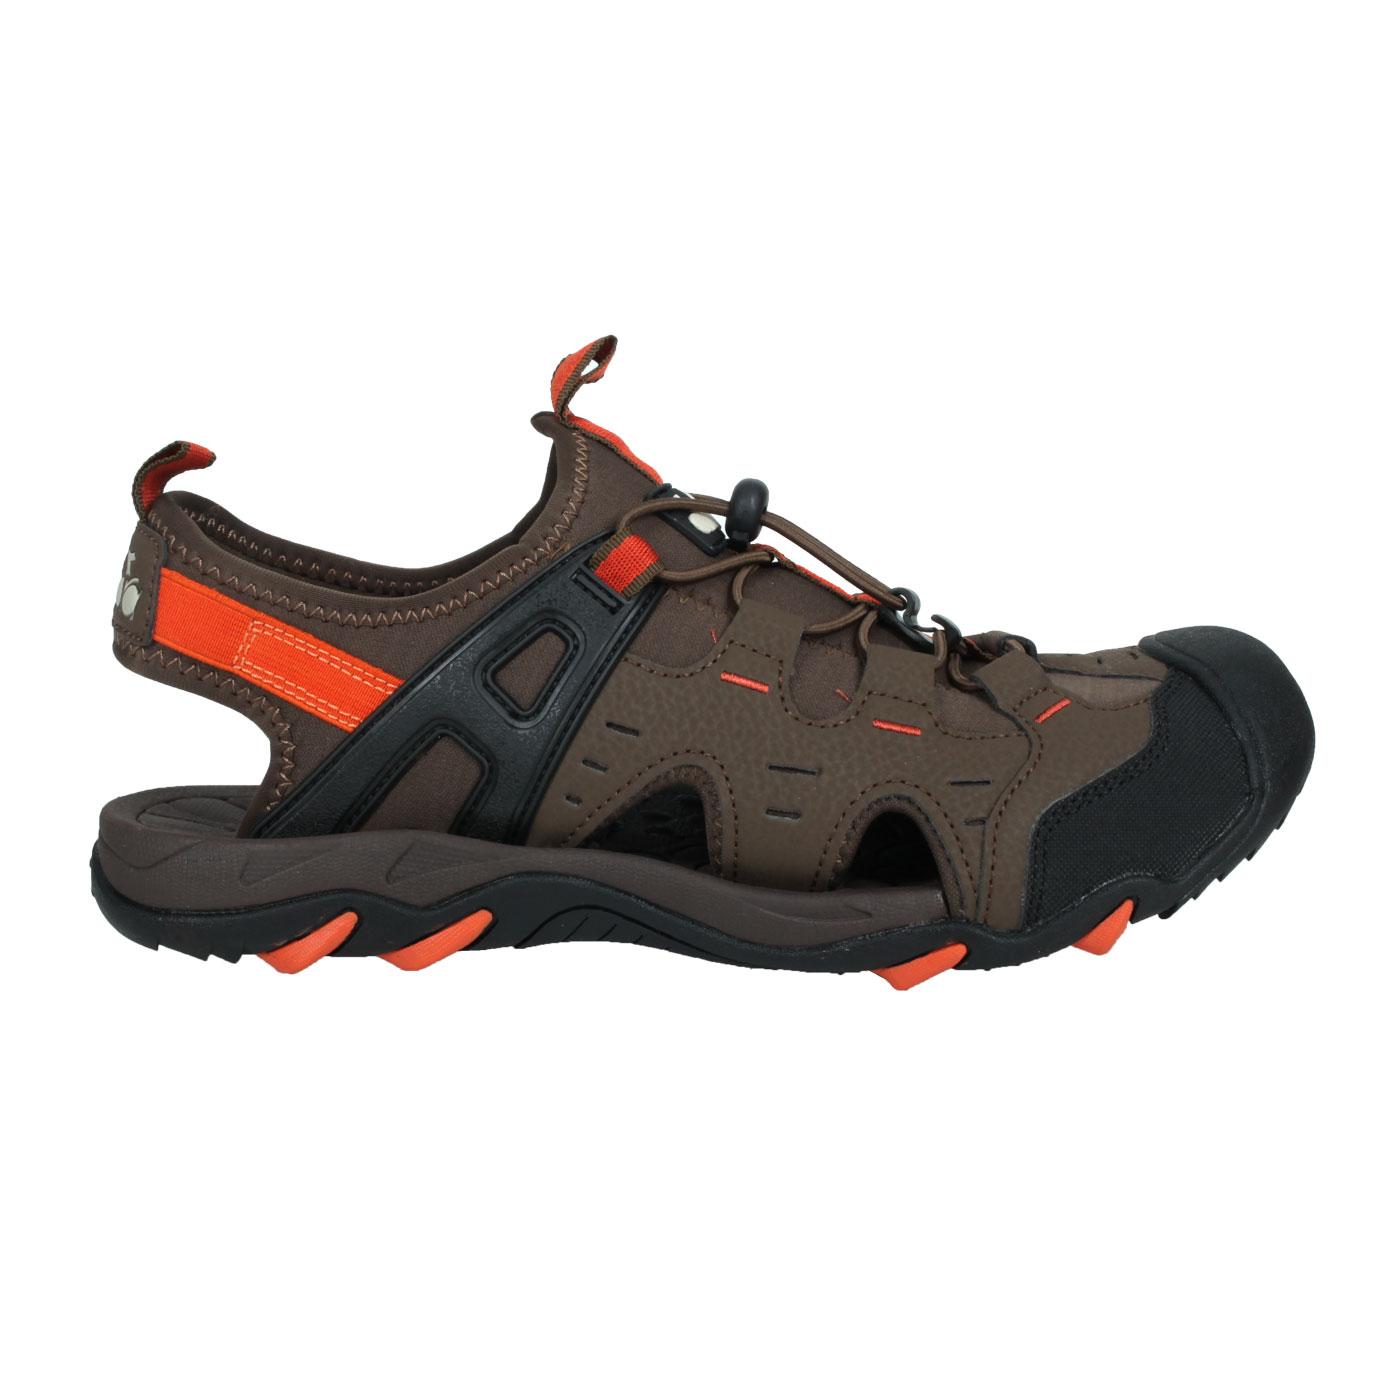 DIADORA 男款護趾運動涼鞋 DA71200 - 黑棕橘